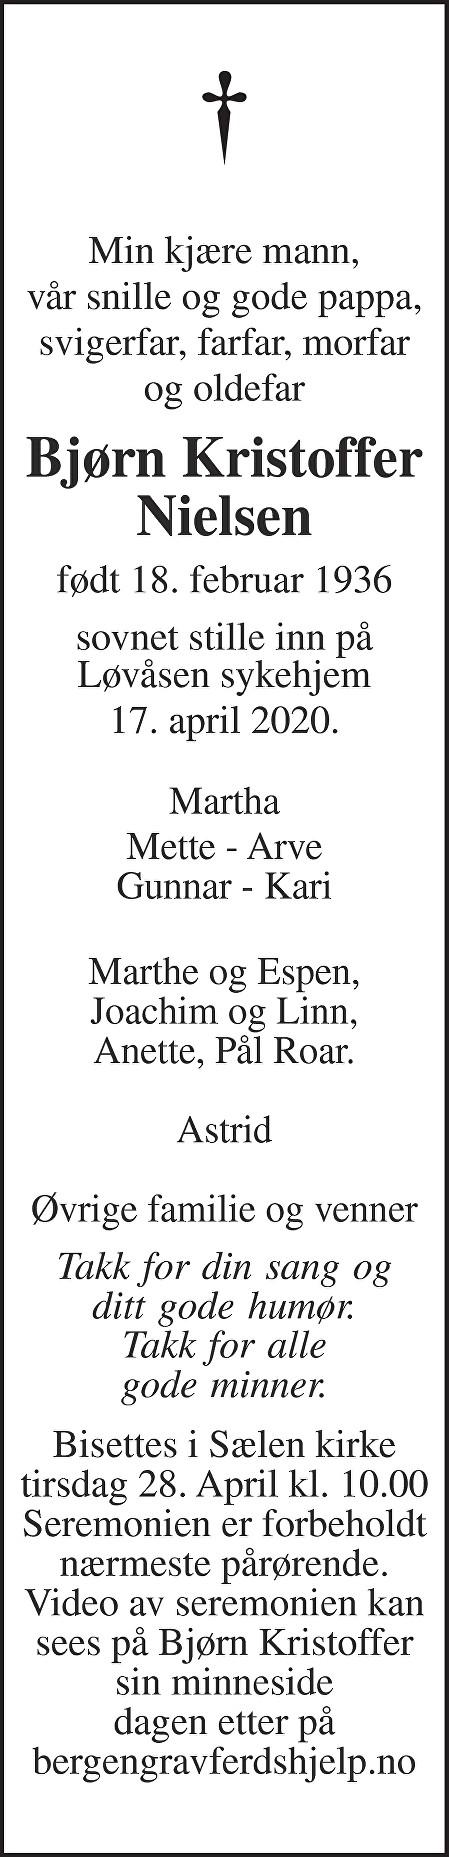 Bjørn Kristoffer Nielsen Dødsannonse